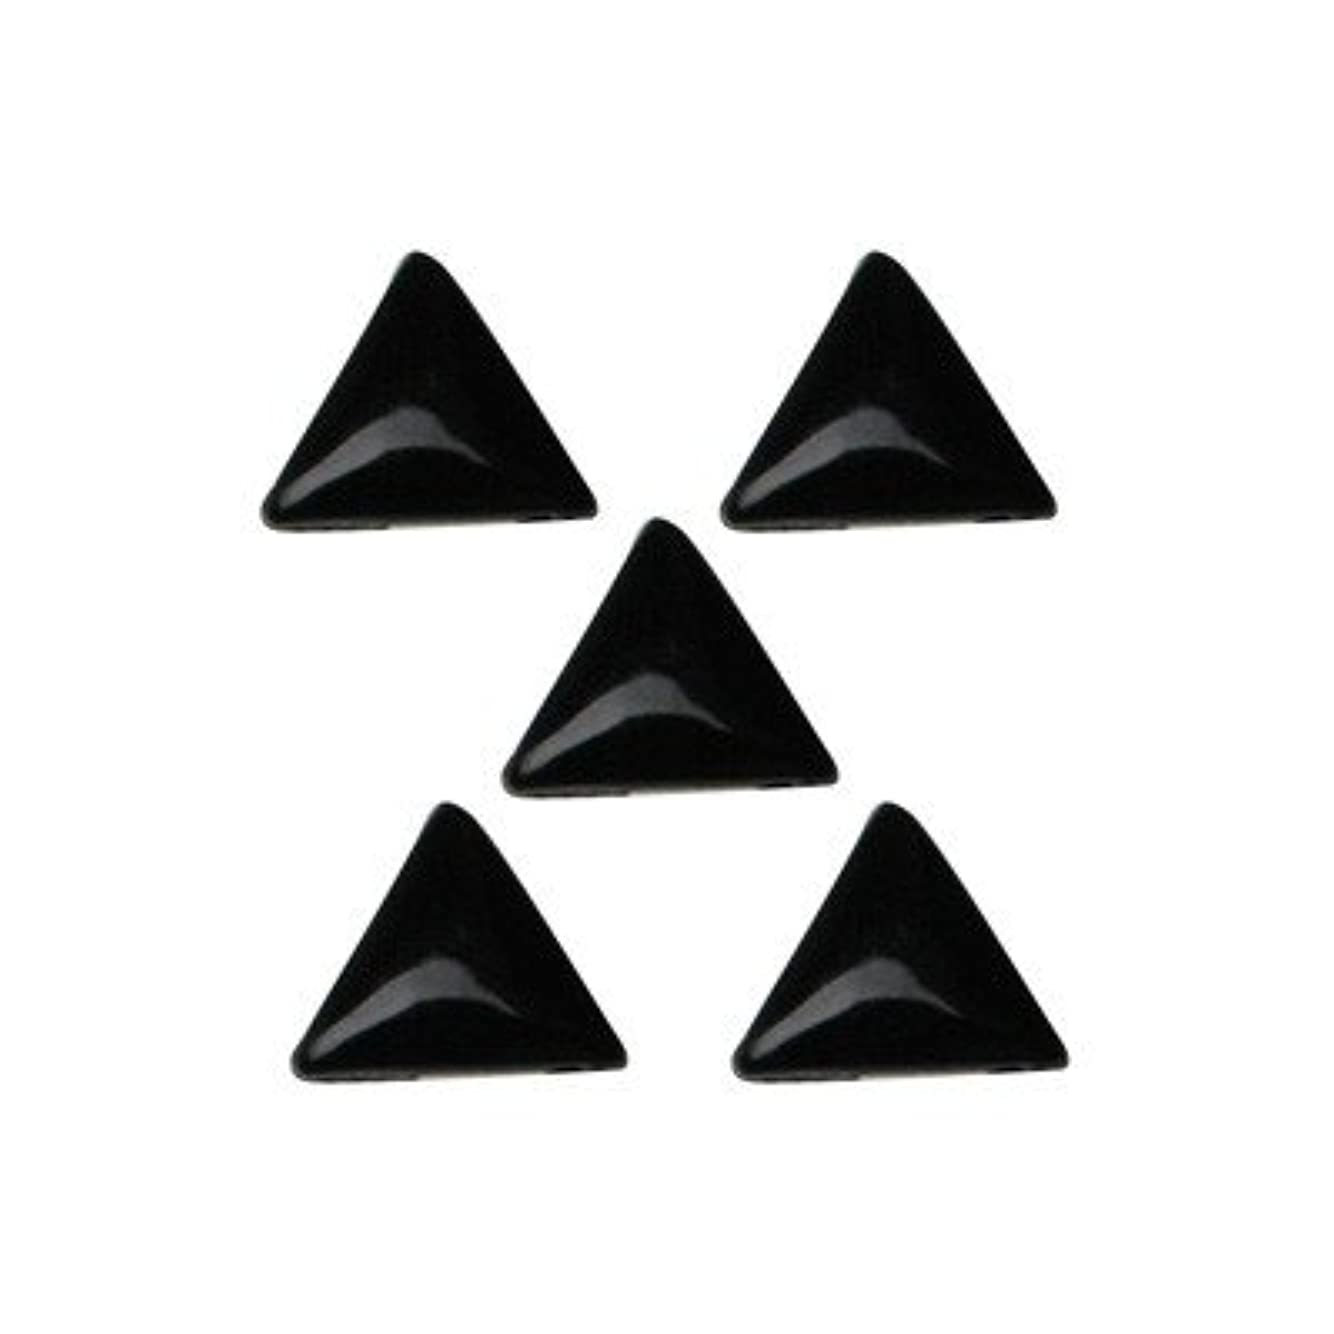 落ち込んでいる無視層B151 エムプティ プレミアムスタッズ made in Japan/トライアングル 3×3mm